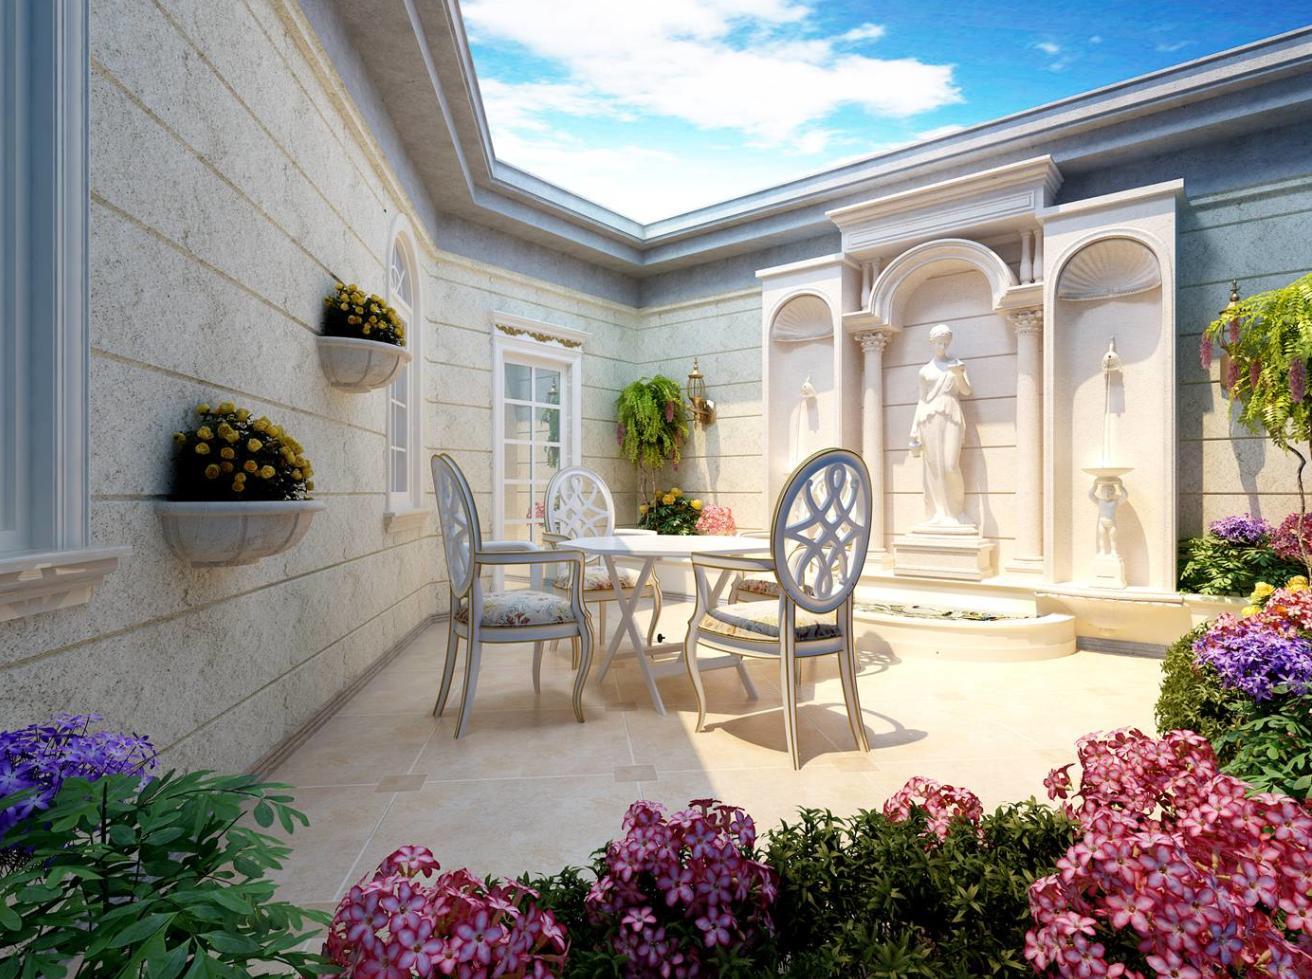 东郊罗兰 别墅装修 欧式古典 腾龙设计 刁振英作品 其他图片来自孔继民在东郊罗兰别墅装修新古典欧式风格的分享